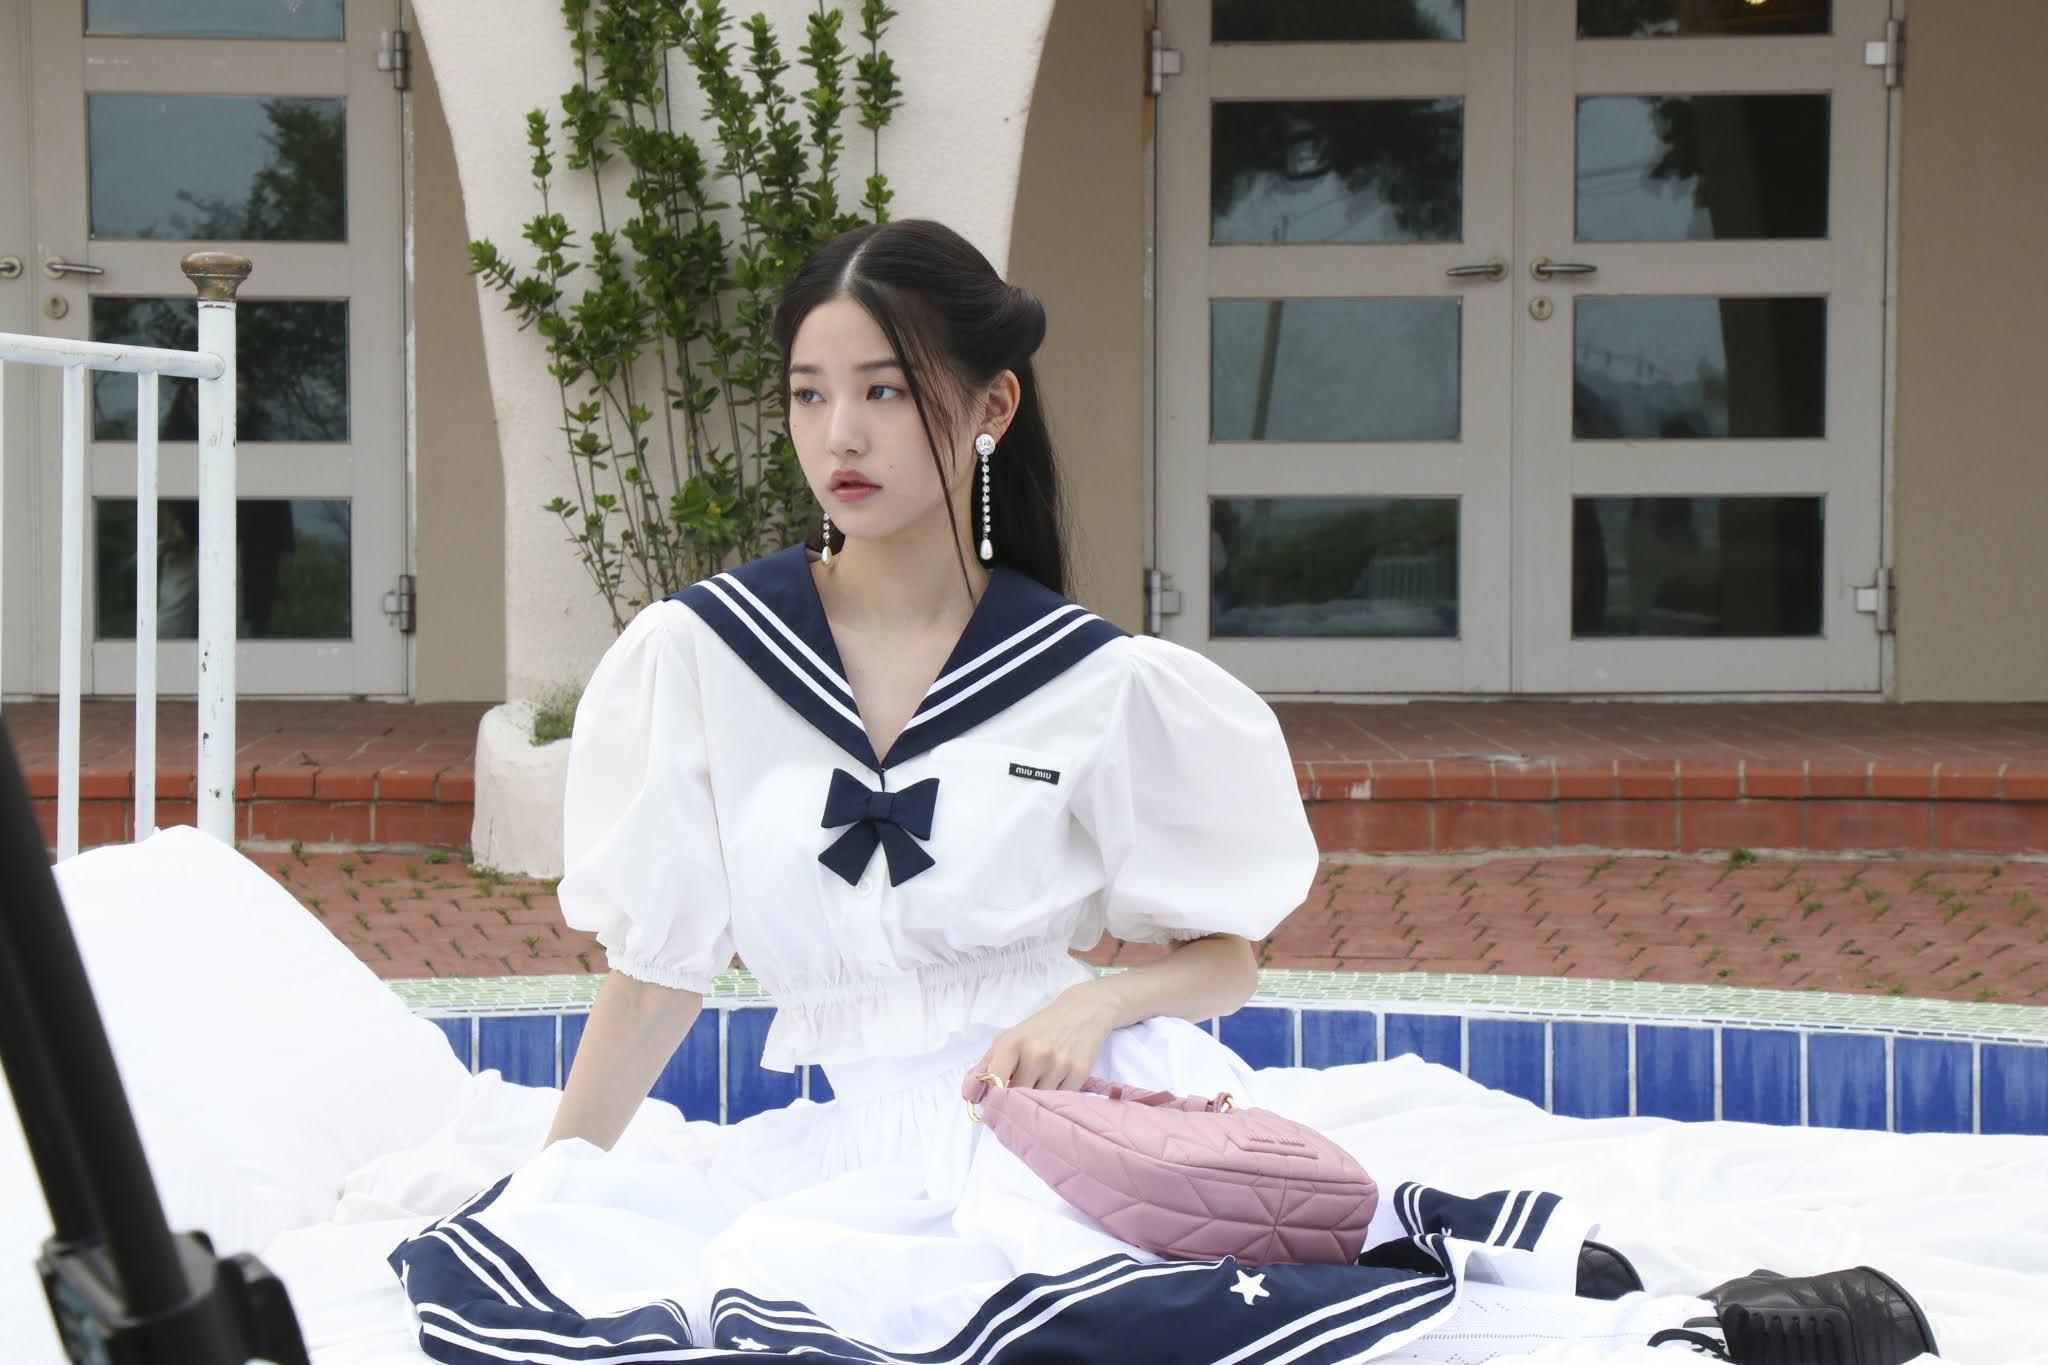 장원영 VOGUE x MIU MIU 영상 촬영 비하인드 - 꾸르